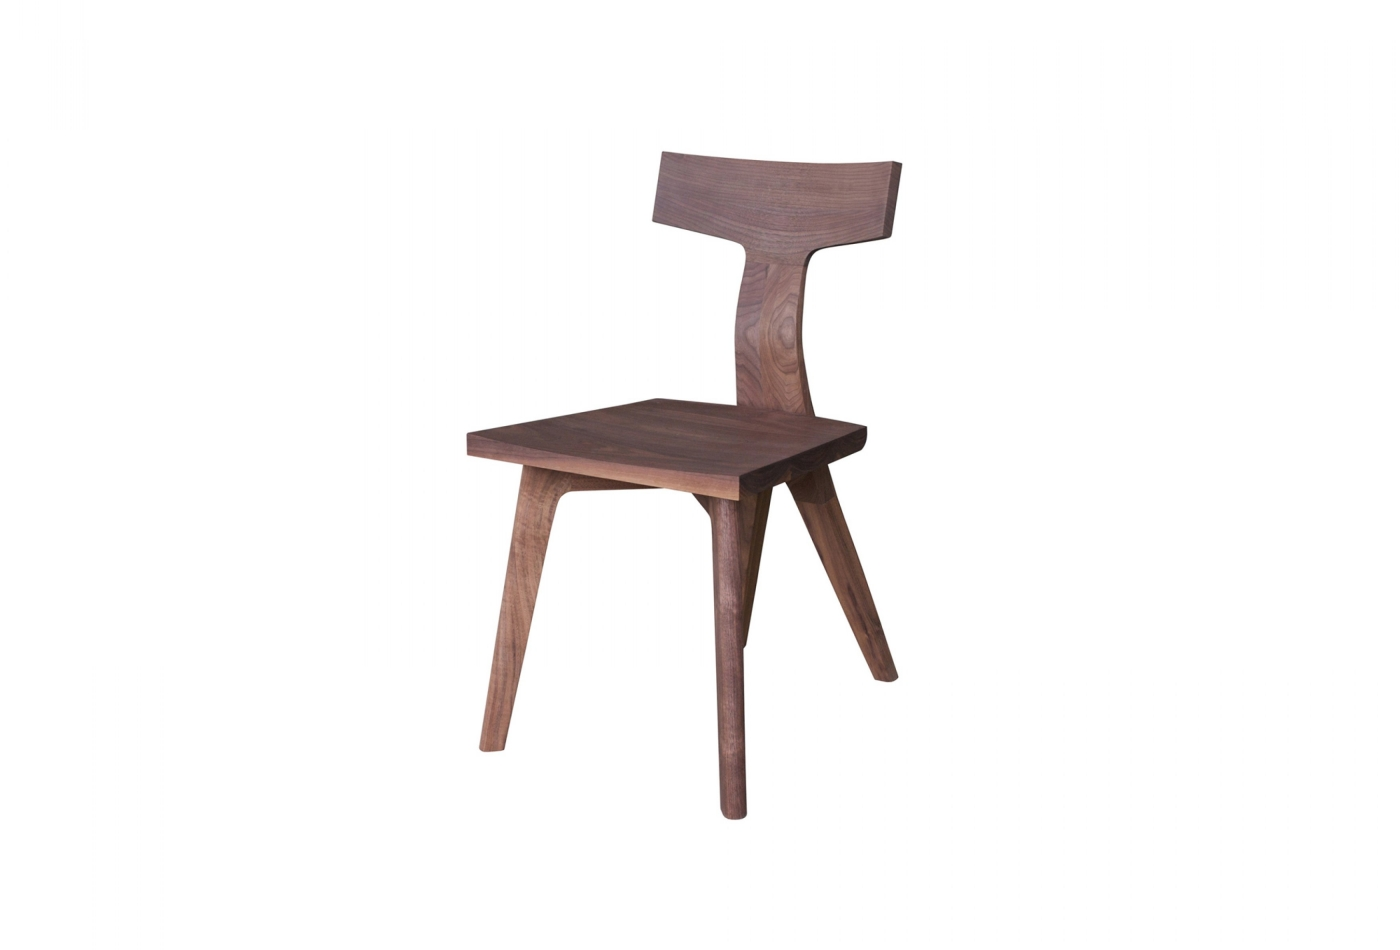 Обеденные стулья в интерьере вашего дома - Fin Dining Chair. Фото 2